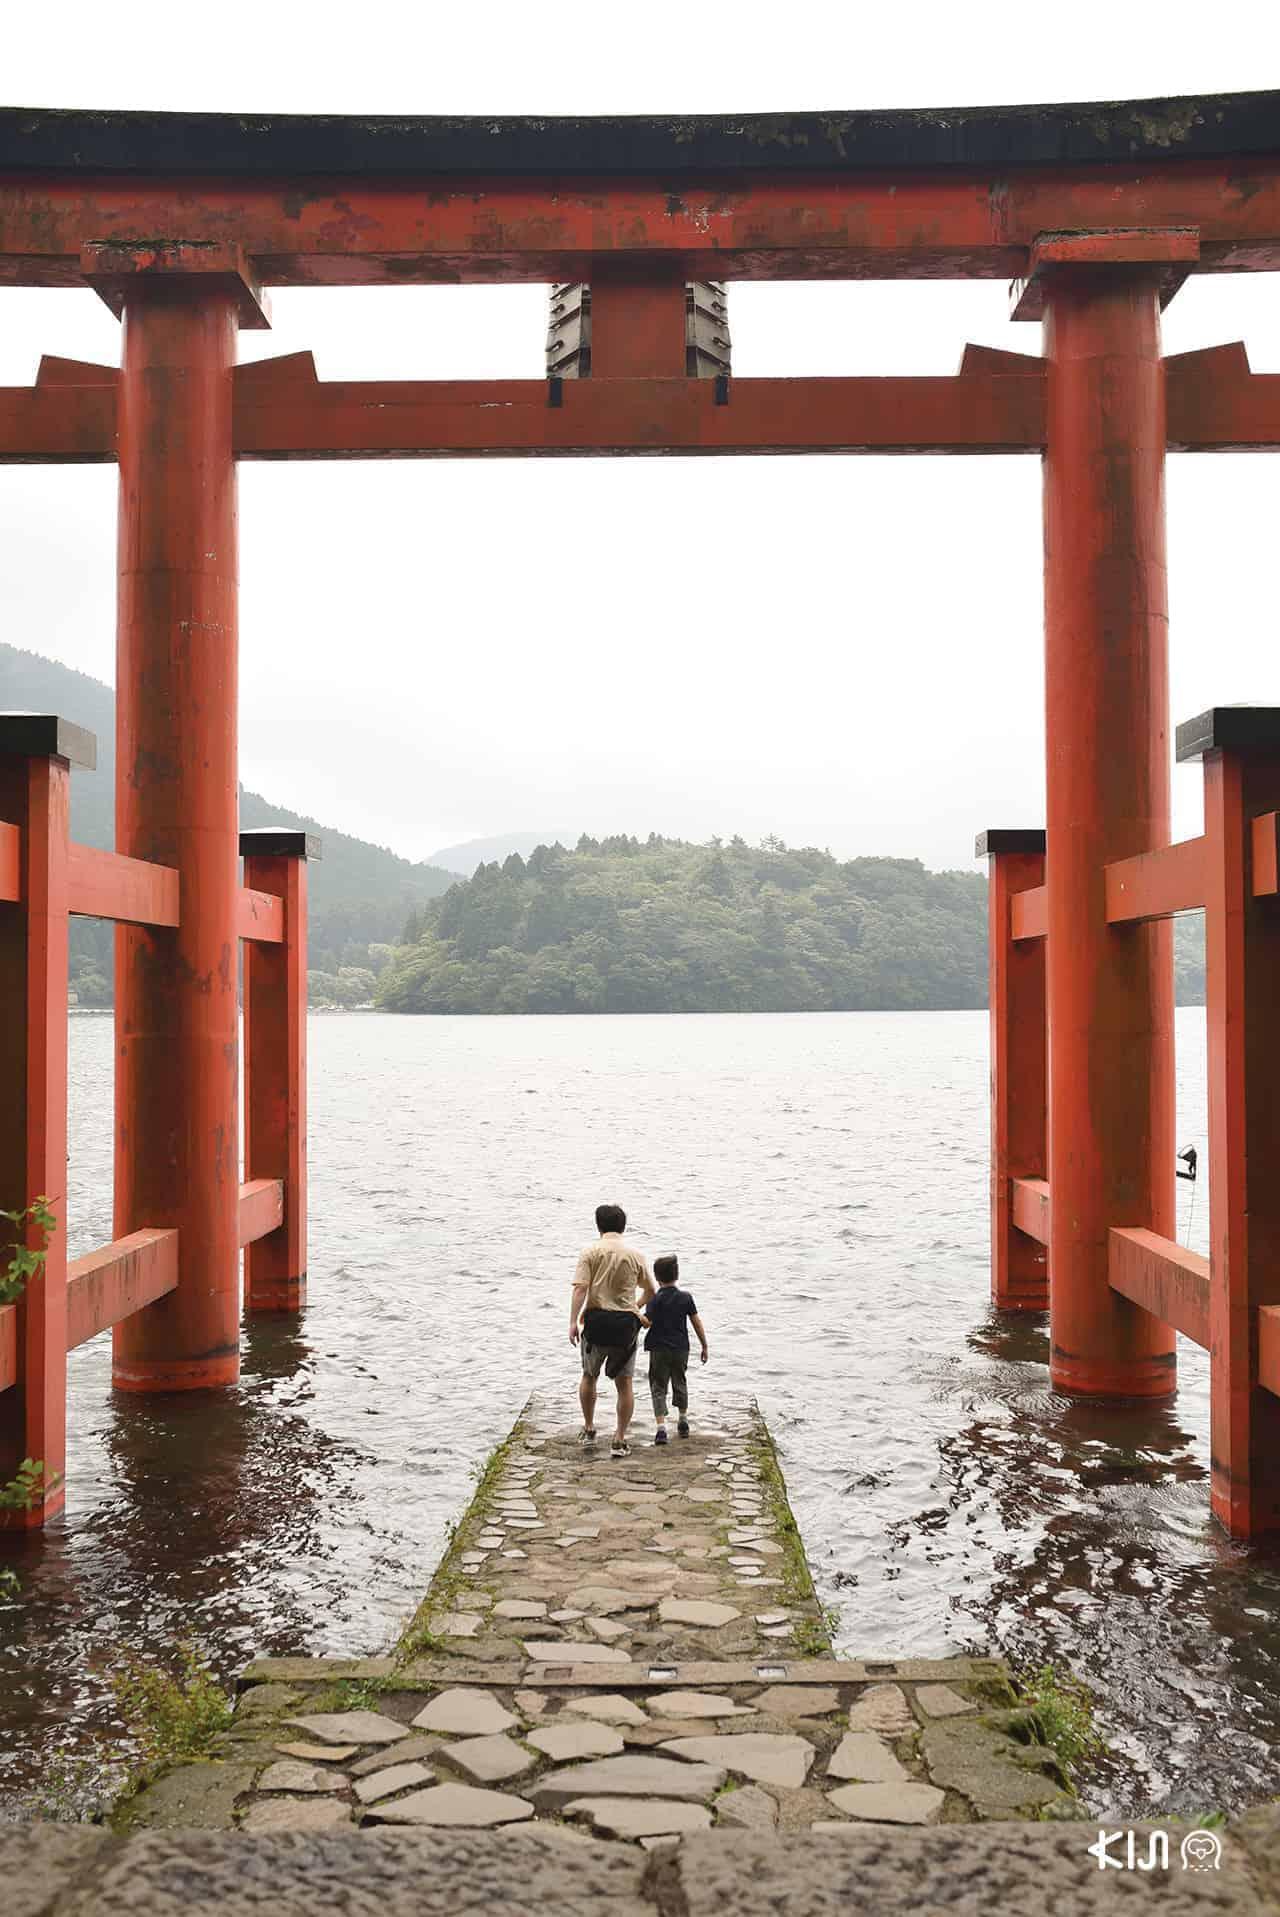 Fuji Hakone Pass - Hakone Shrine ริมทะเลสาบอาชิ (Lake Ashi)